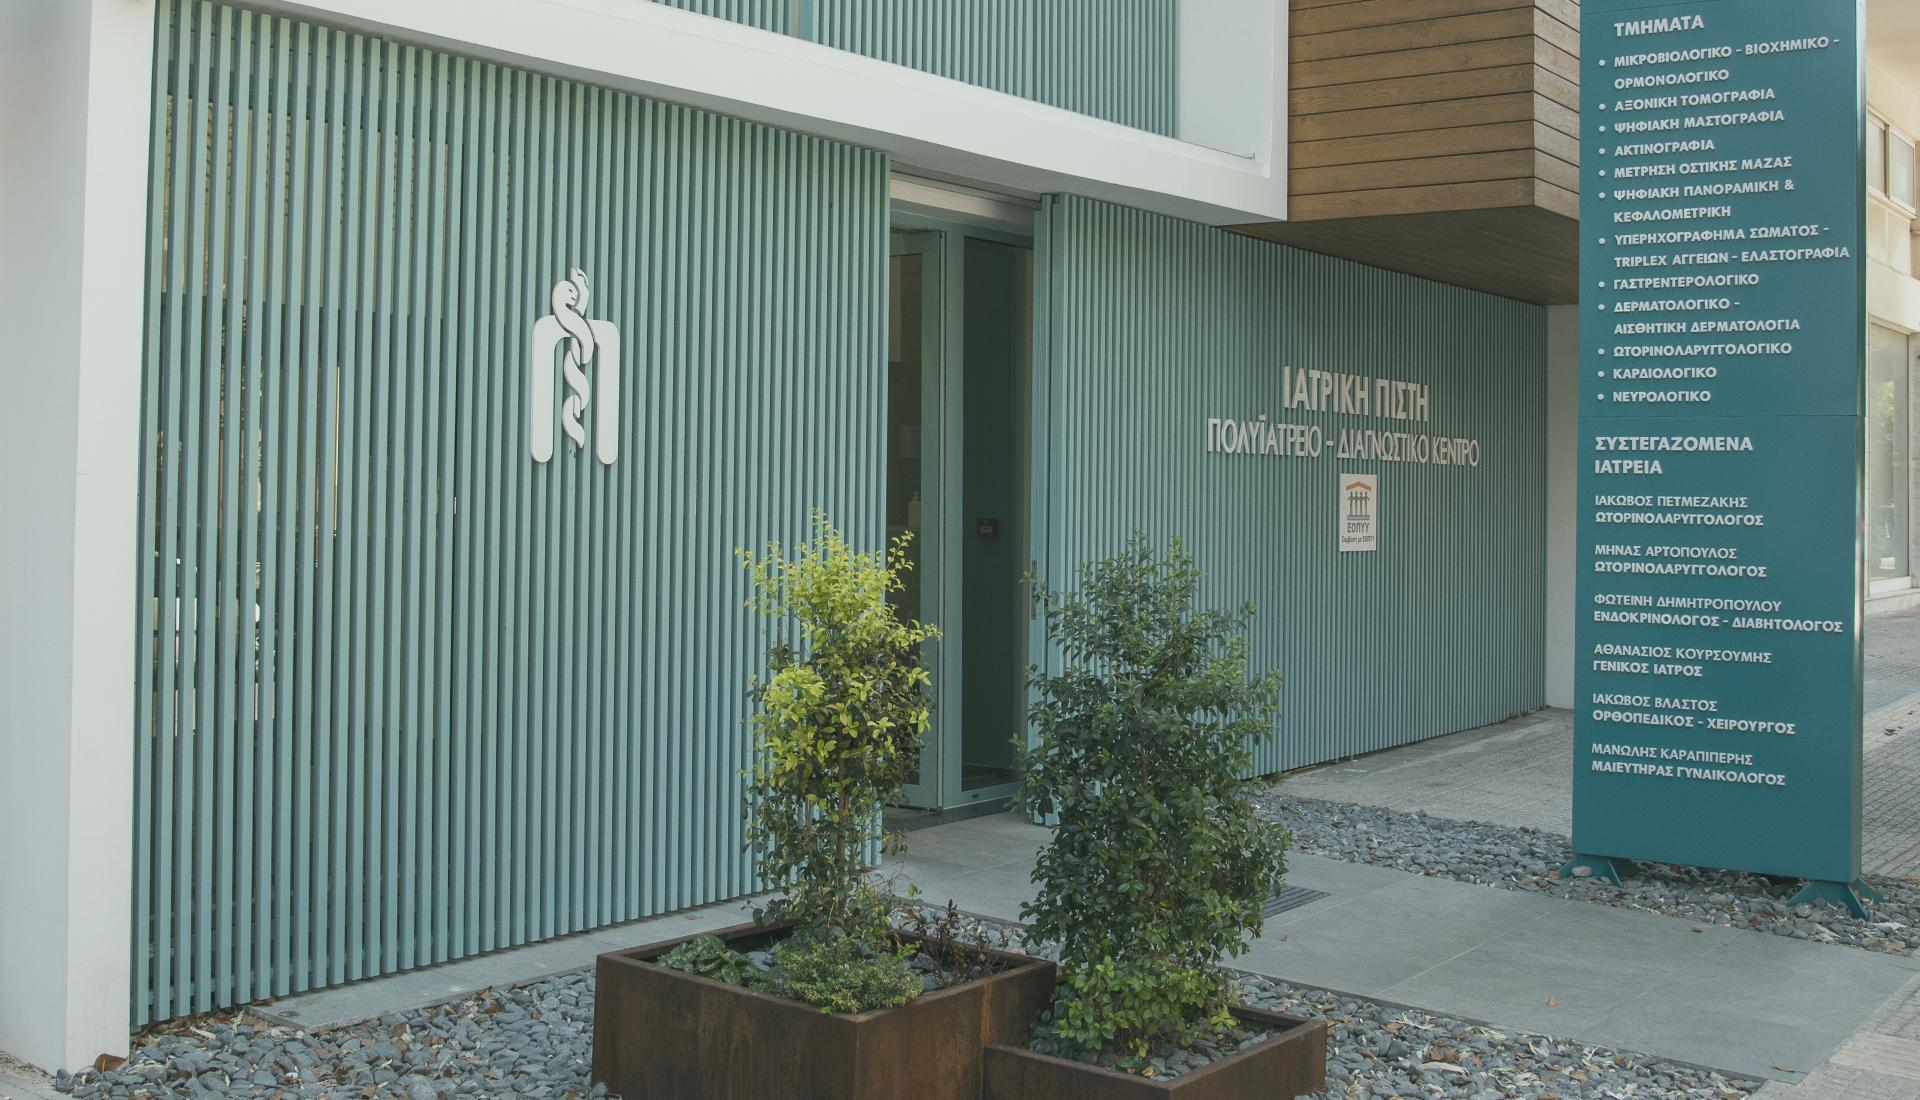 Ολοκληρωμένες υπηρεσίες πρωτοβάθμιας υγείας σε ένα ενιαίο χώρο.